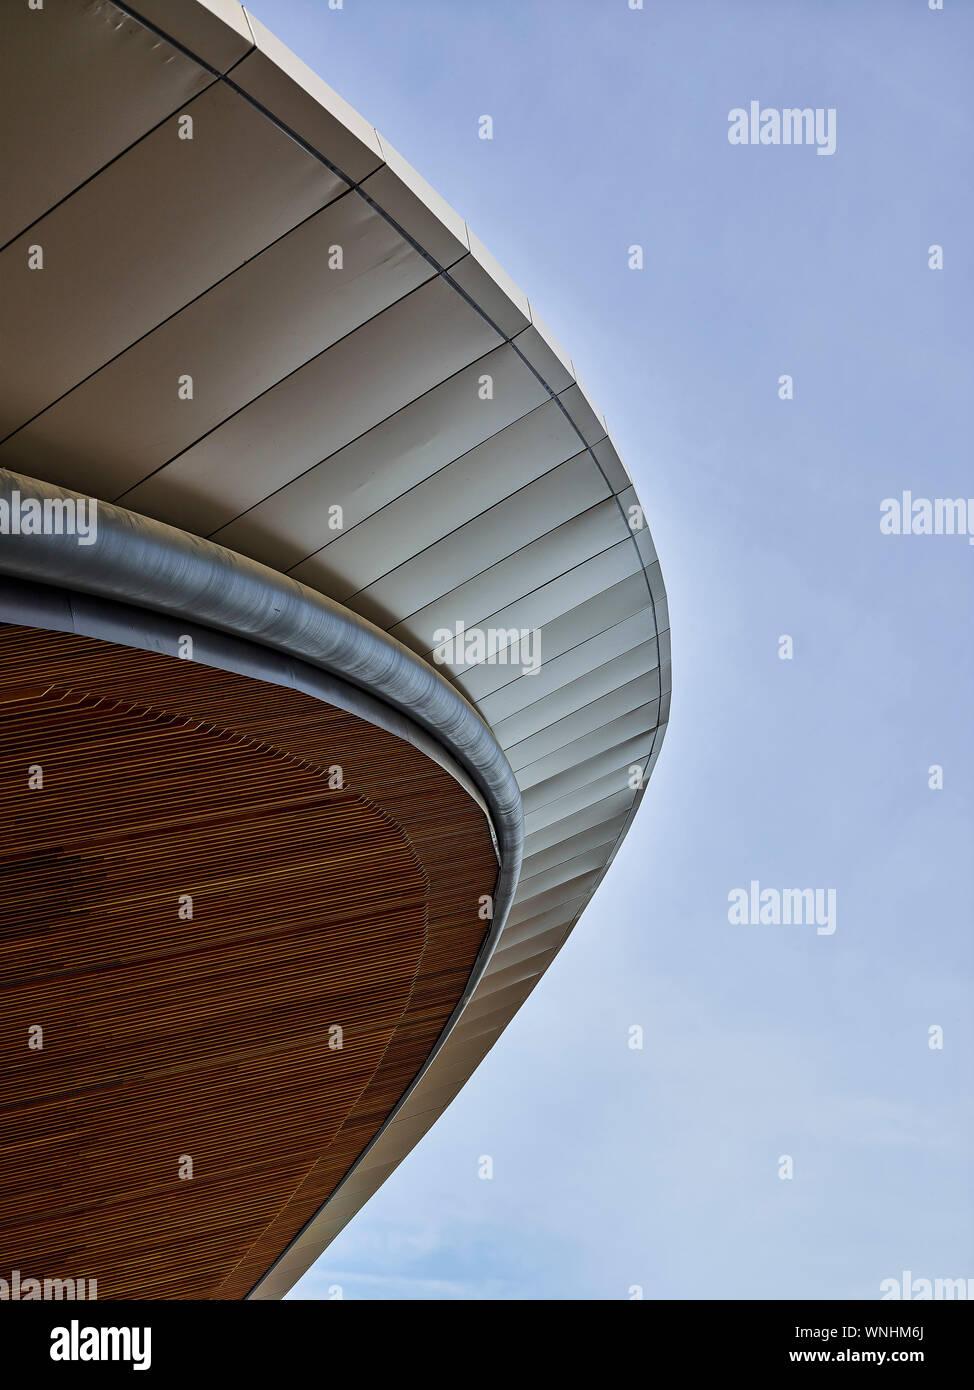 La structure du toit du bâtiment de détail. Les stations de métro de l'ouest du nord, Sydney, Australie. Architecte: HASSELL, 2019. Banque D'Images